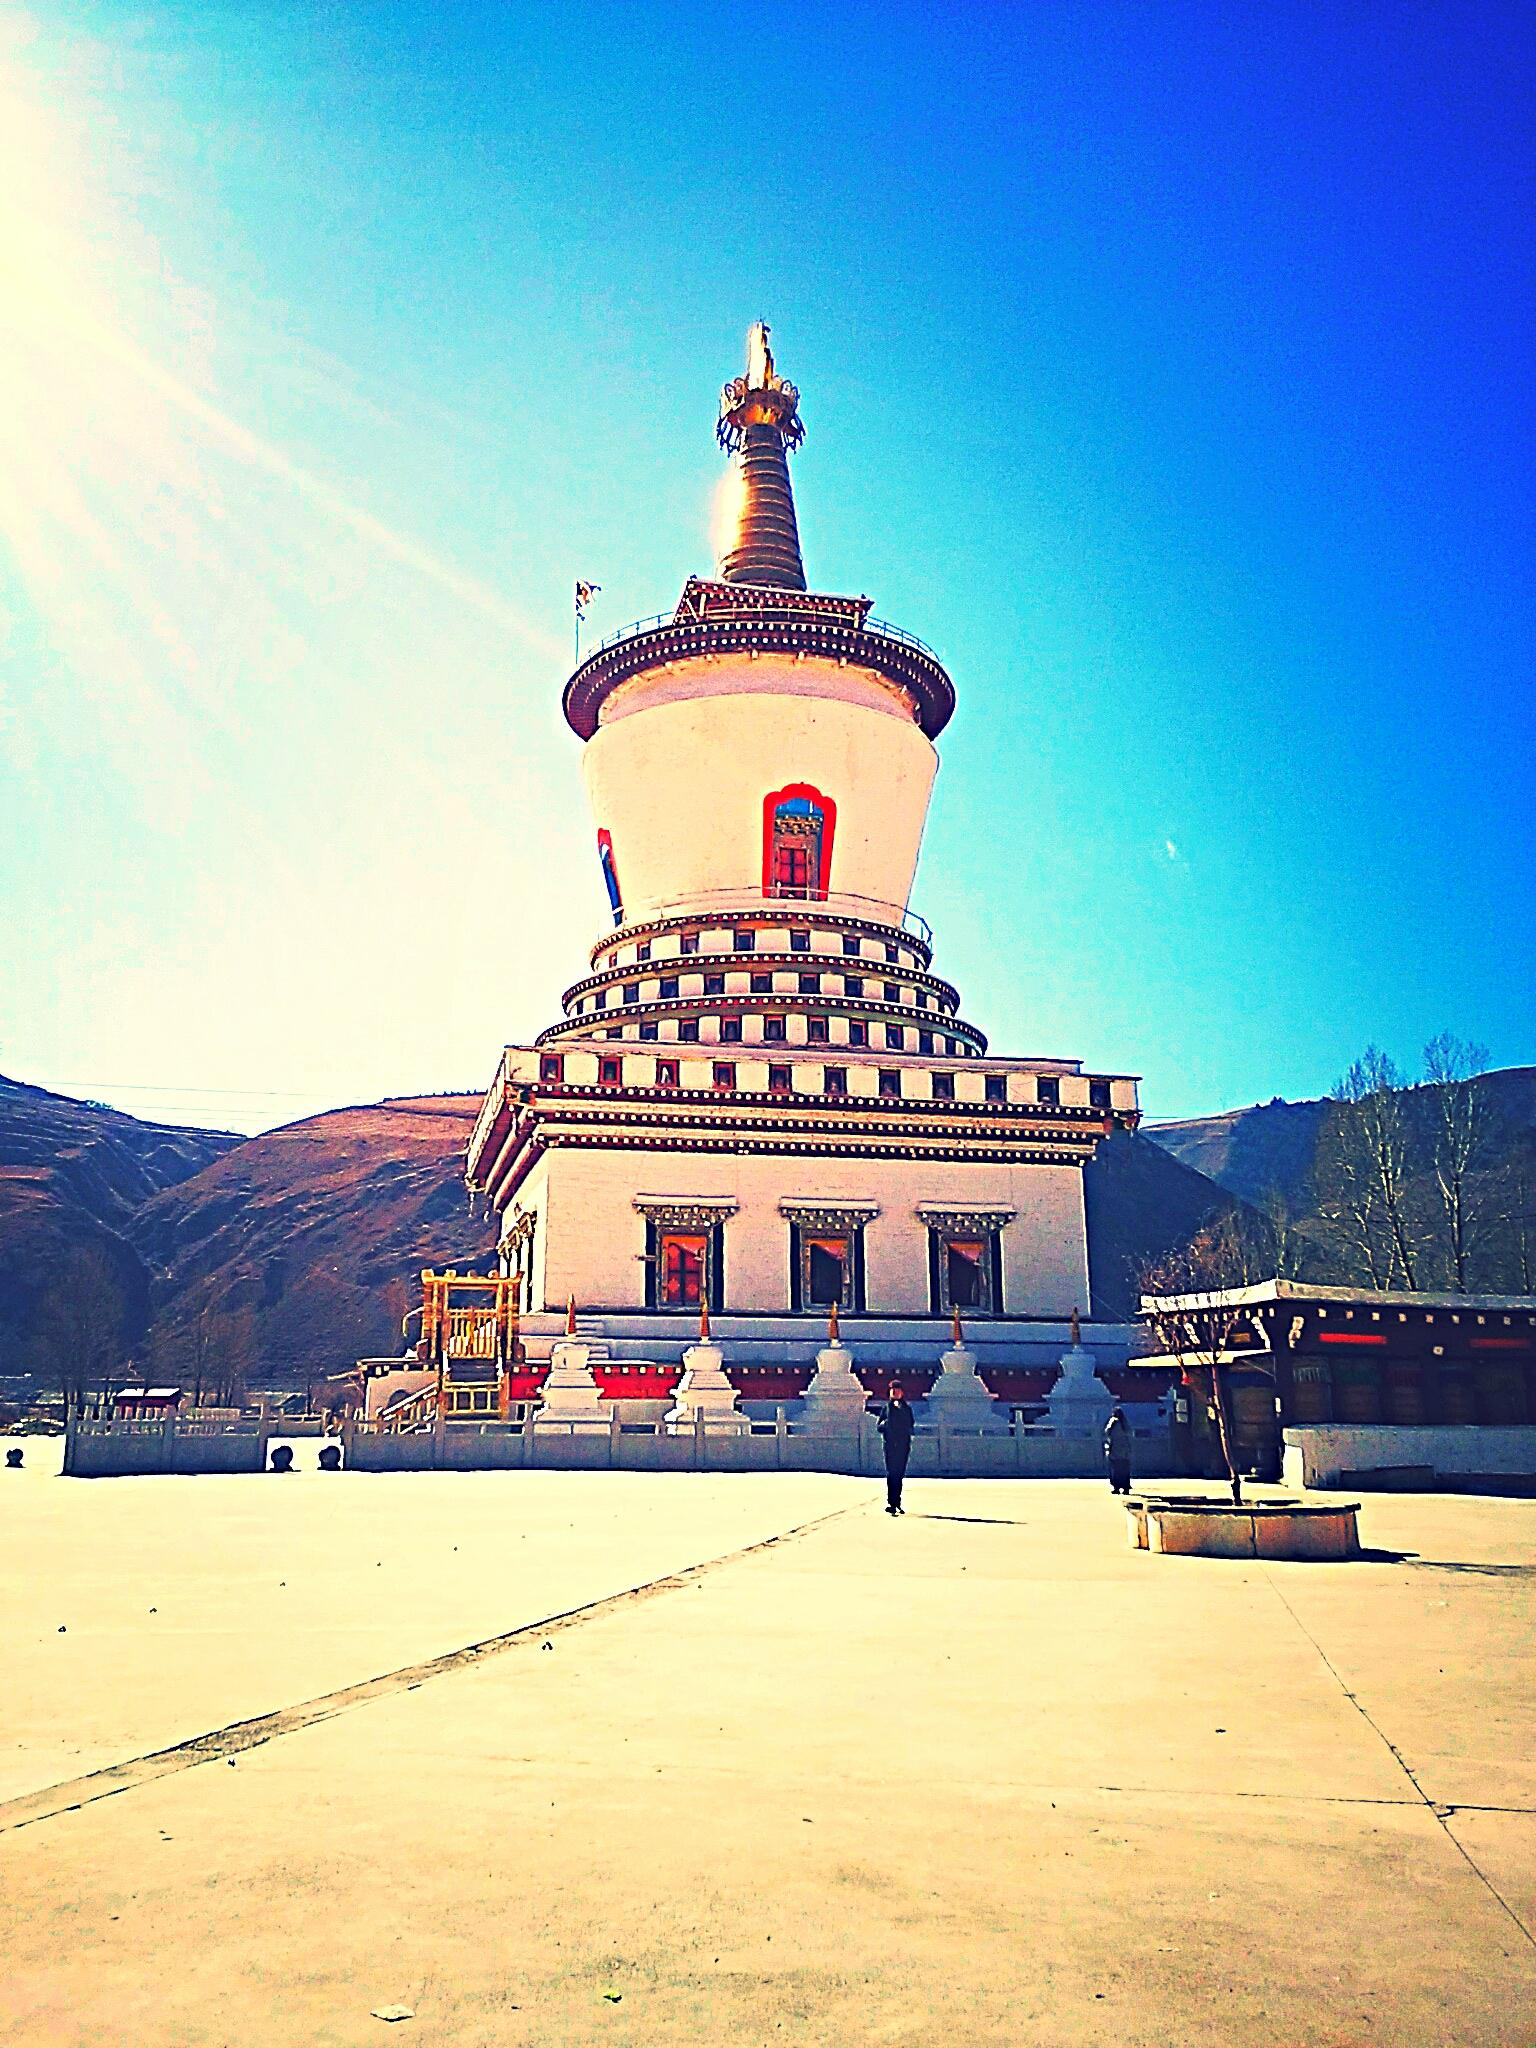 【秘境】大自然広がる景色!中国・東チベットの写真撮影ポイントとは?